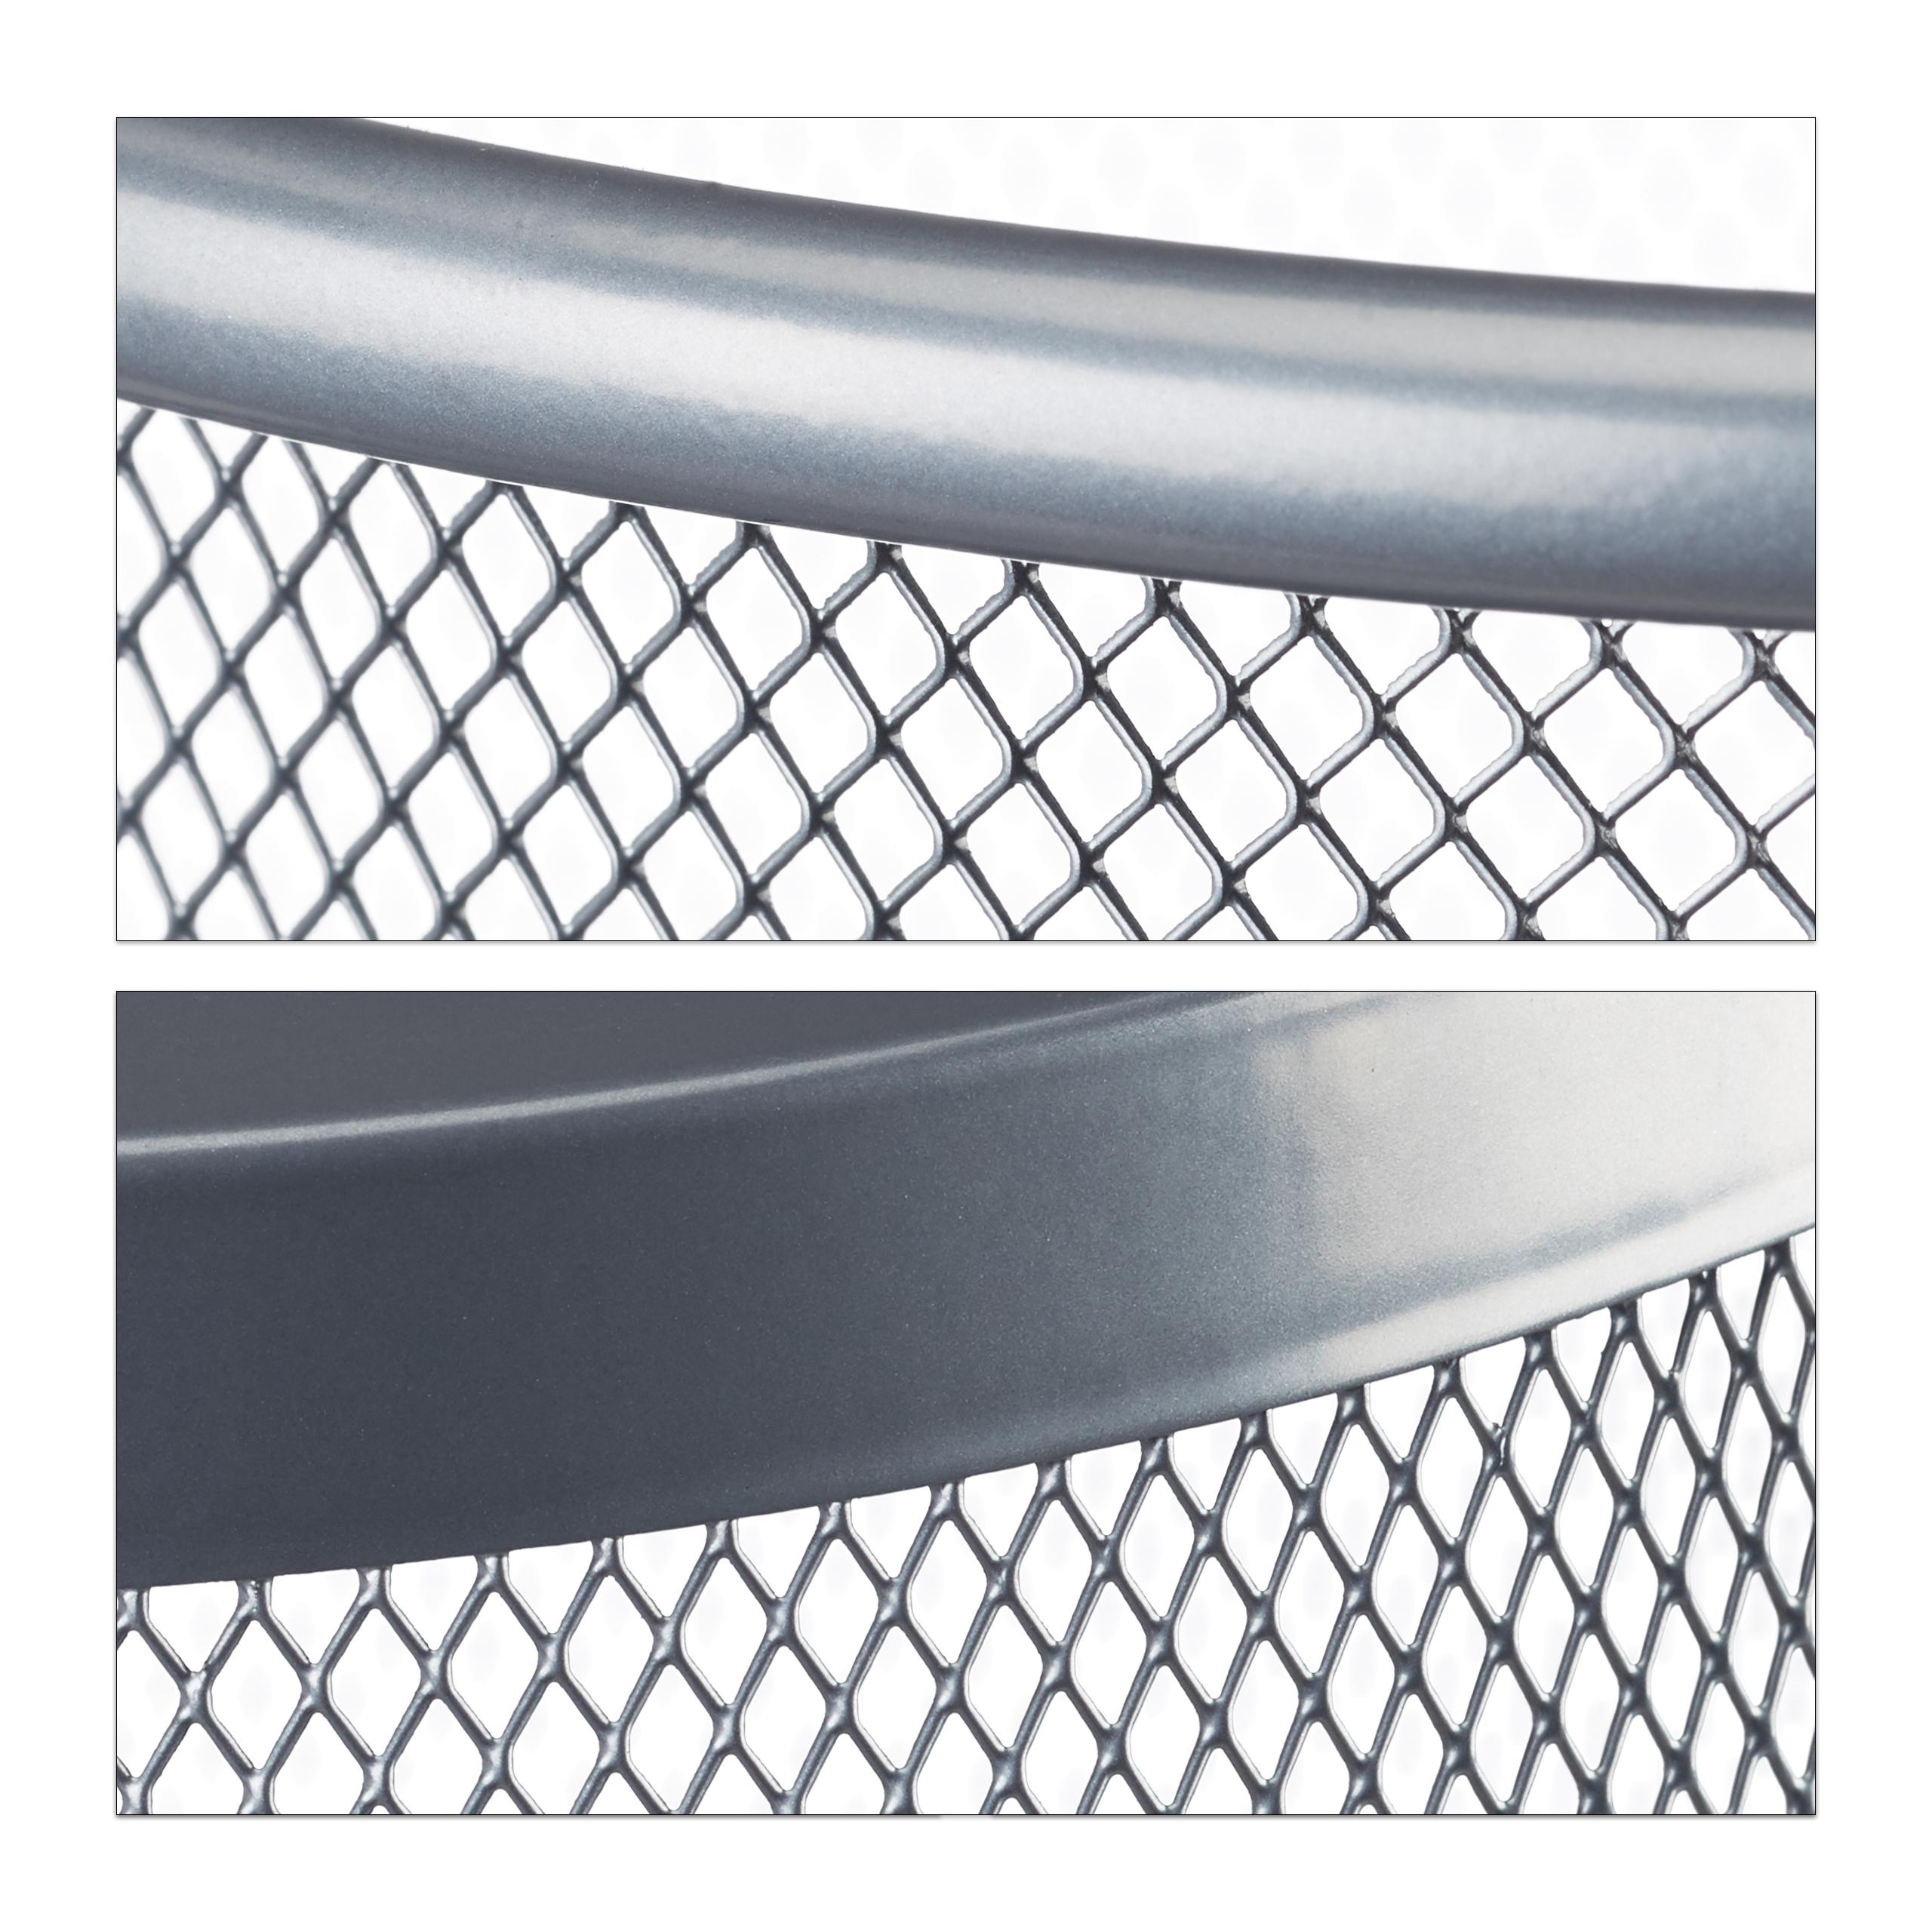 Papierkorb Metall Mülleimer Metallgeflecht Abfallkorb Papiersammler Papiereimer